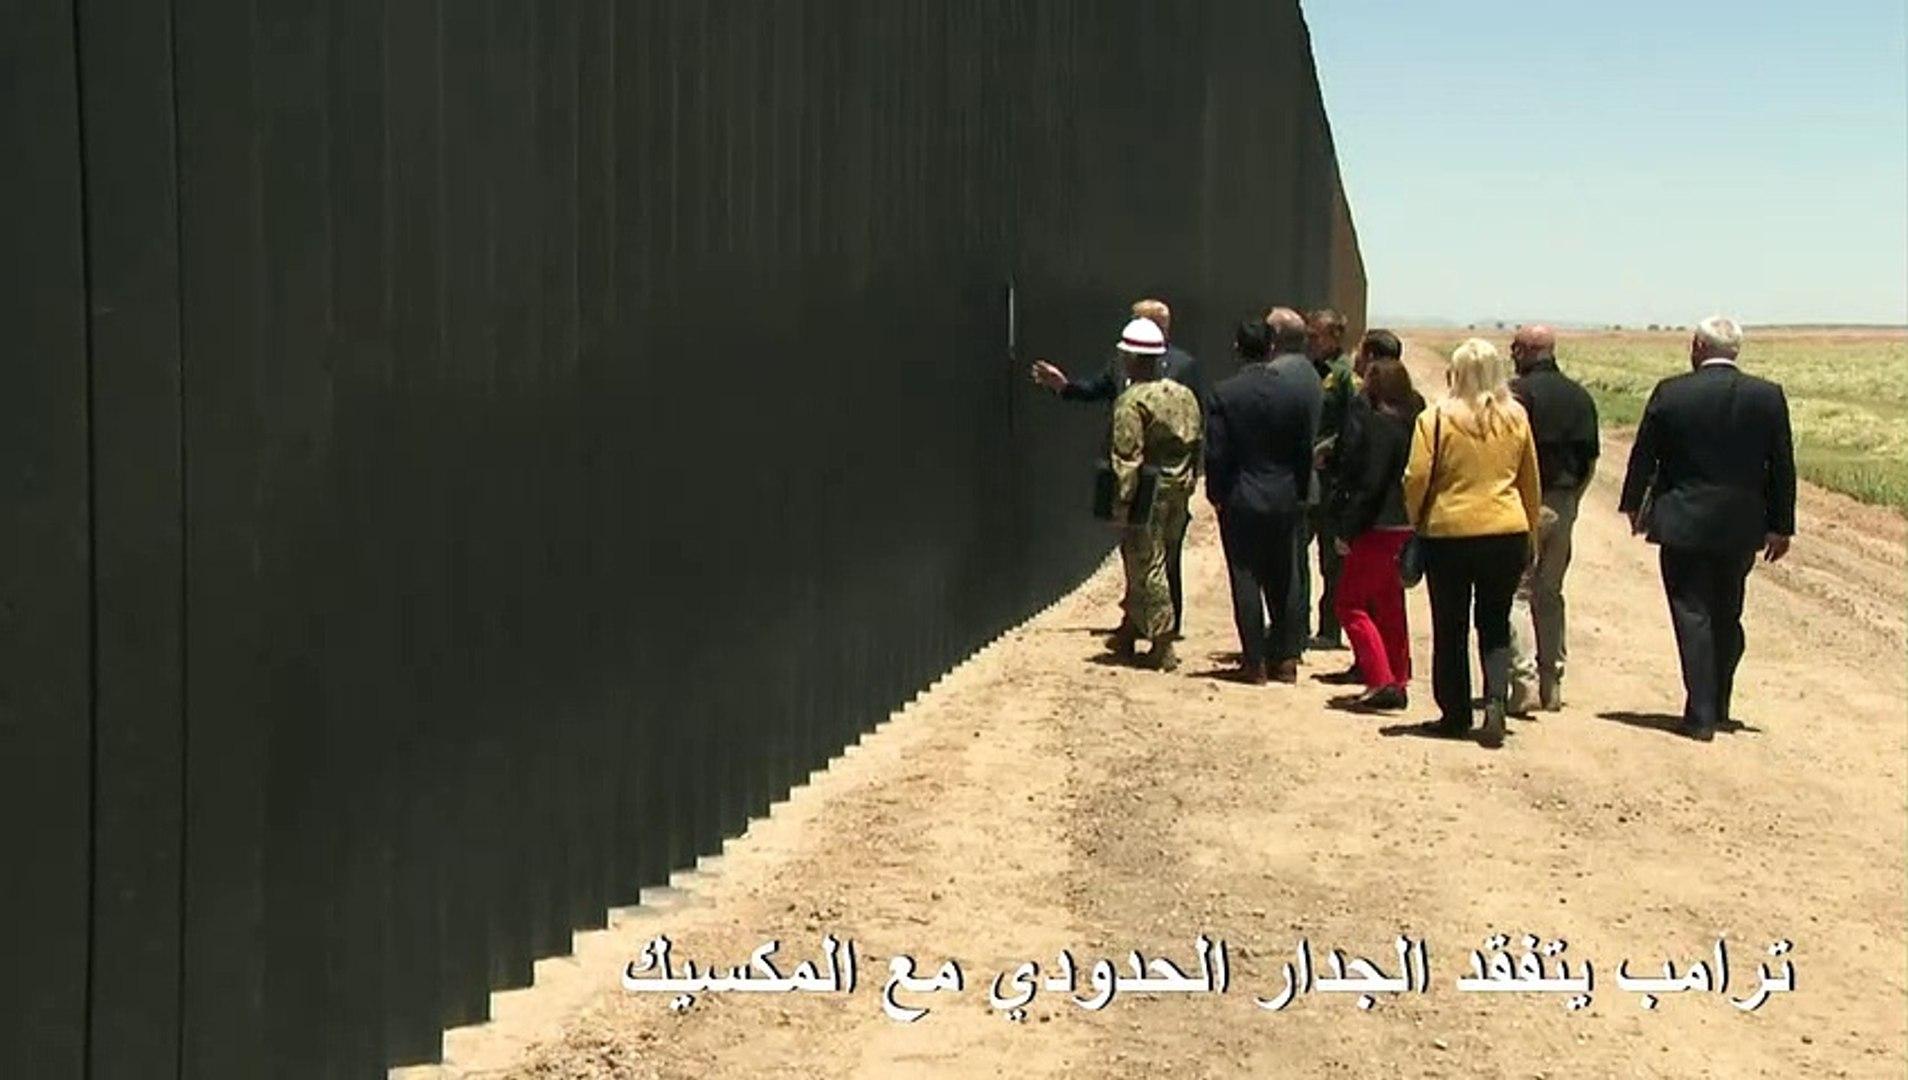 ترامب مشيداً بالجدار الحدودي مع المكسيك: